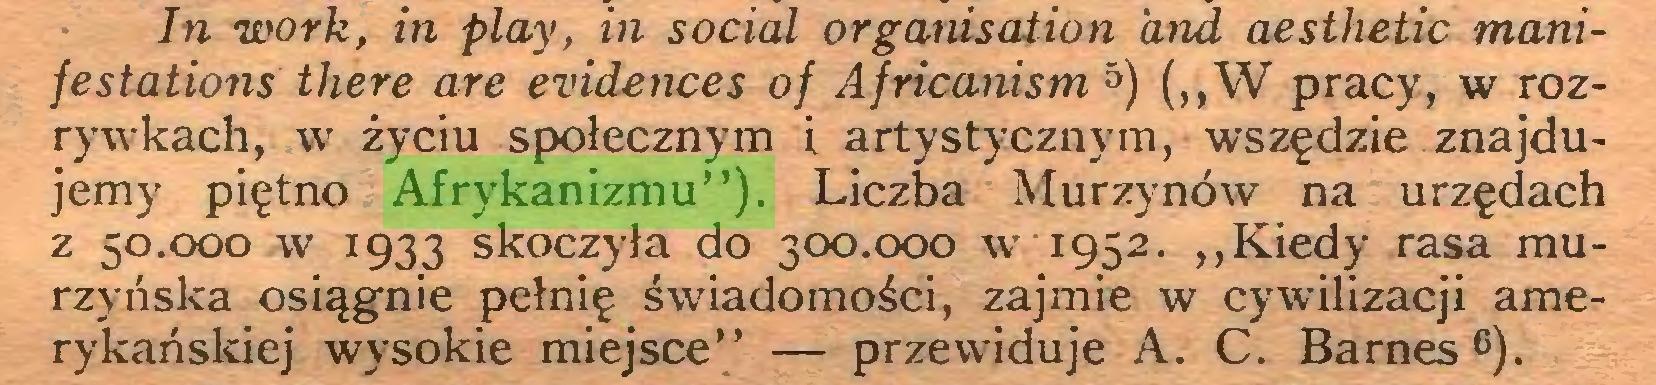 """(...) In work, in play, in social organisation and aesthetic manifestations there are evidences oj Africanism 5) (,,W pracy, w rozrywkach, w życiu społecznym i artystycznym, wszędzie znajdujemy piętno Afrykanizmu""""). Liczba Murzynów na urzędach z 50.000 w 1933 skoczyła do 300.000 w 1952. ,,Kiedy rasa murzyńska osiągnie pełnię świadomości, zajmie w cywilizacji amerykańskiej wysokie miejsce"""" — przewiduje A. C. Barnes 6)..."""